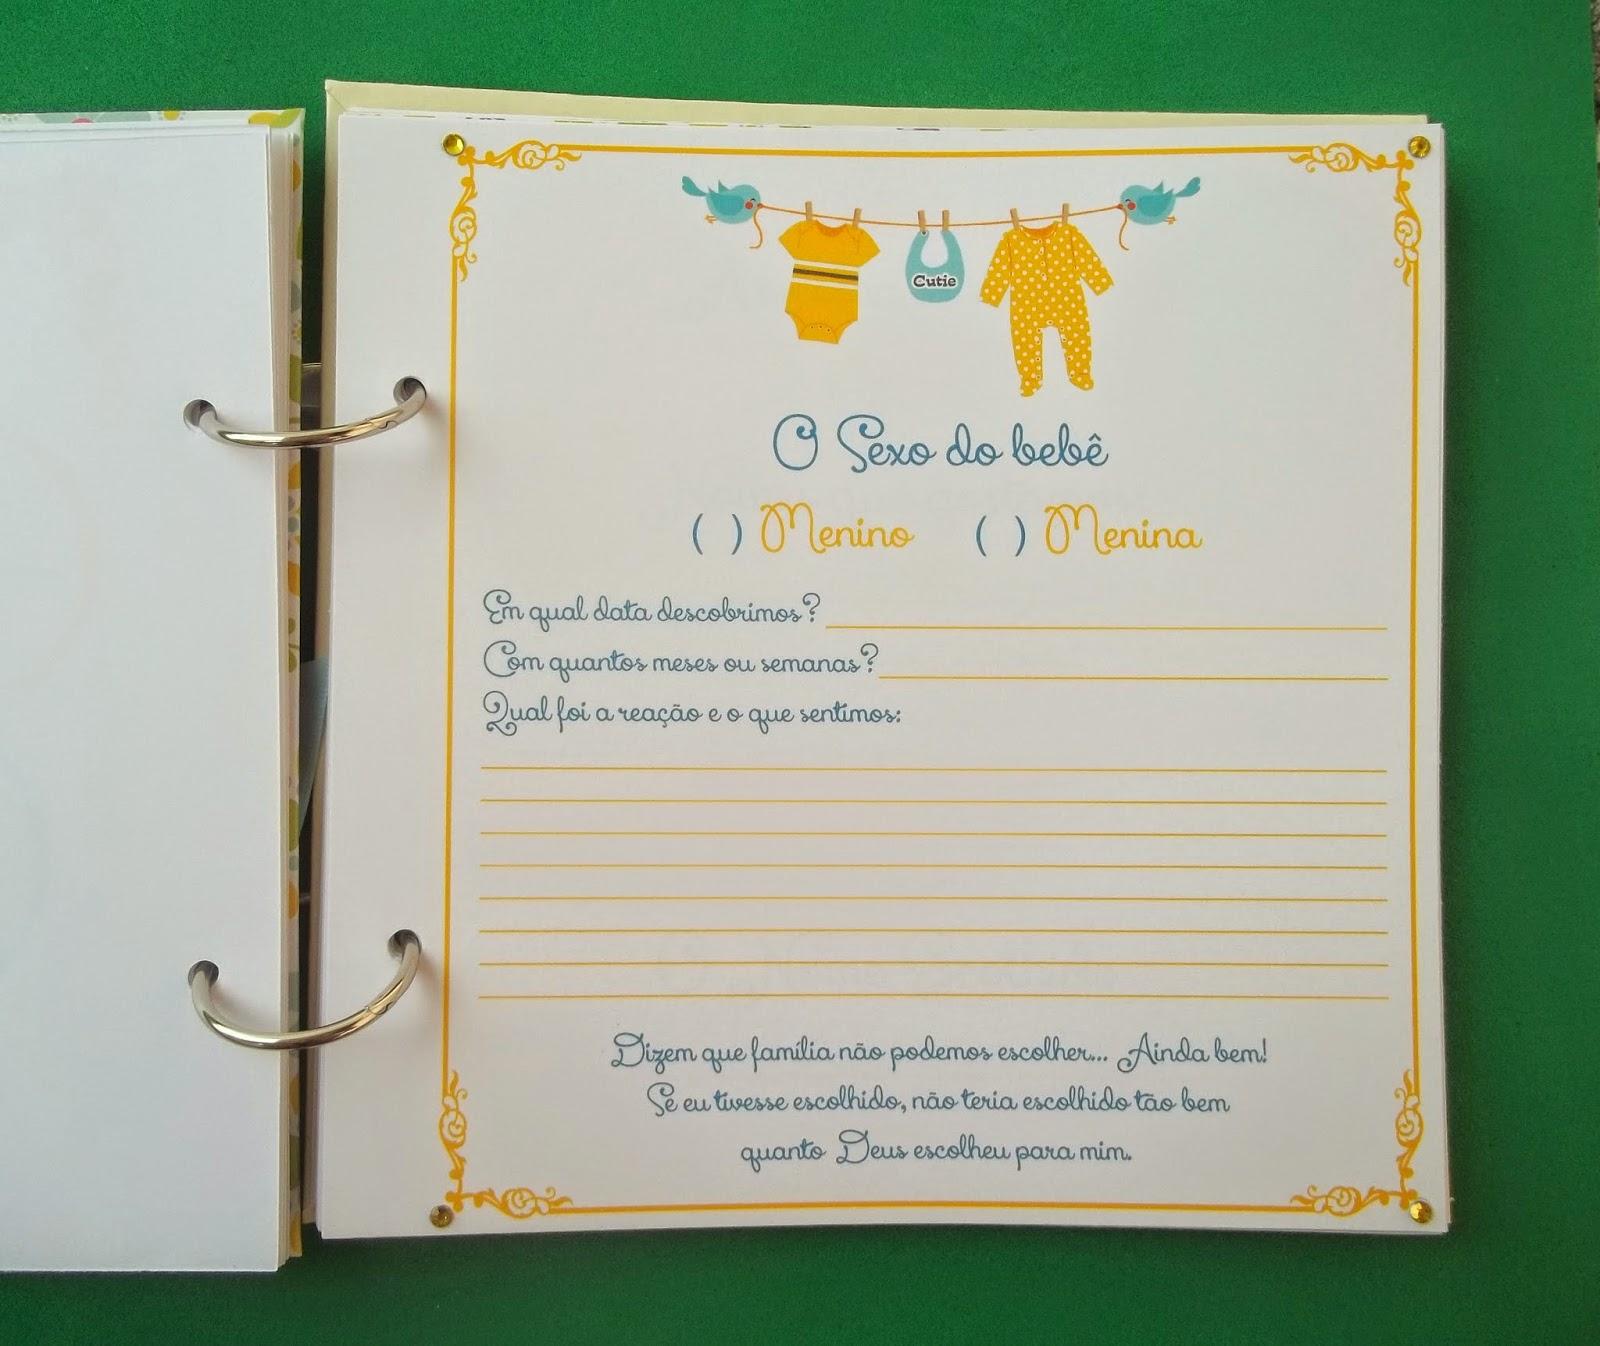 Diário da Gestante, Amarelo, Verde água, Floral